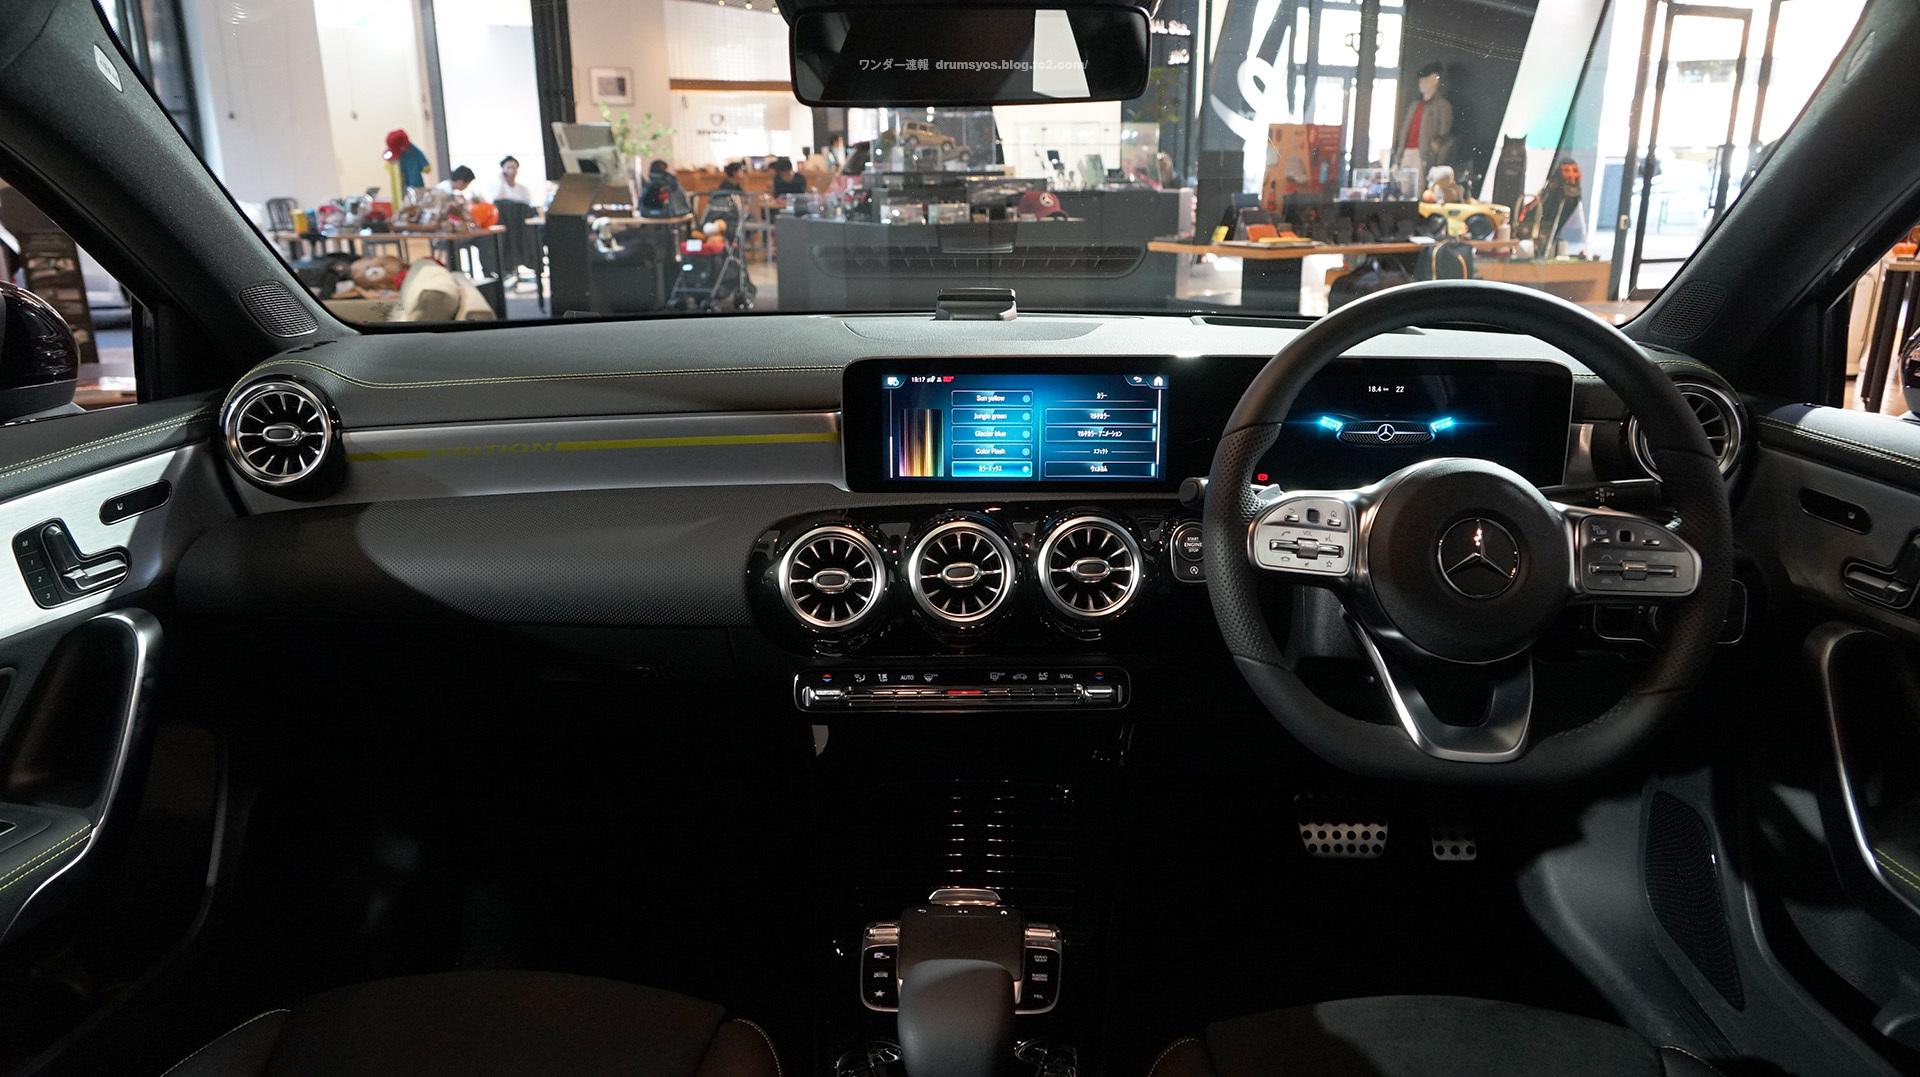 Mercedes-Benz_Aclass14.jpg